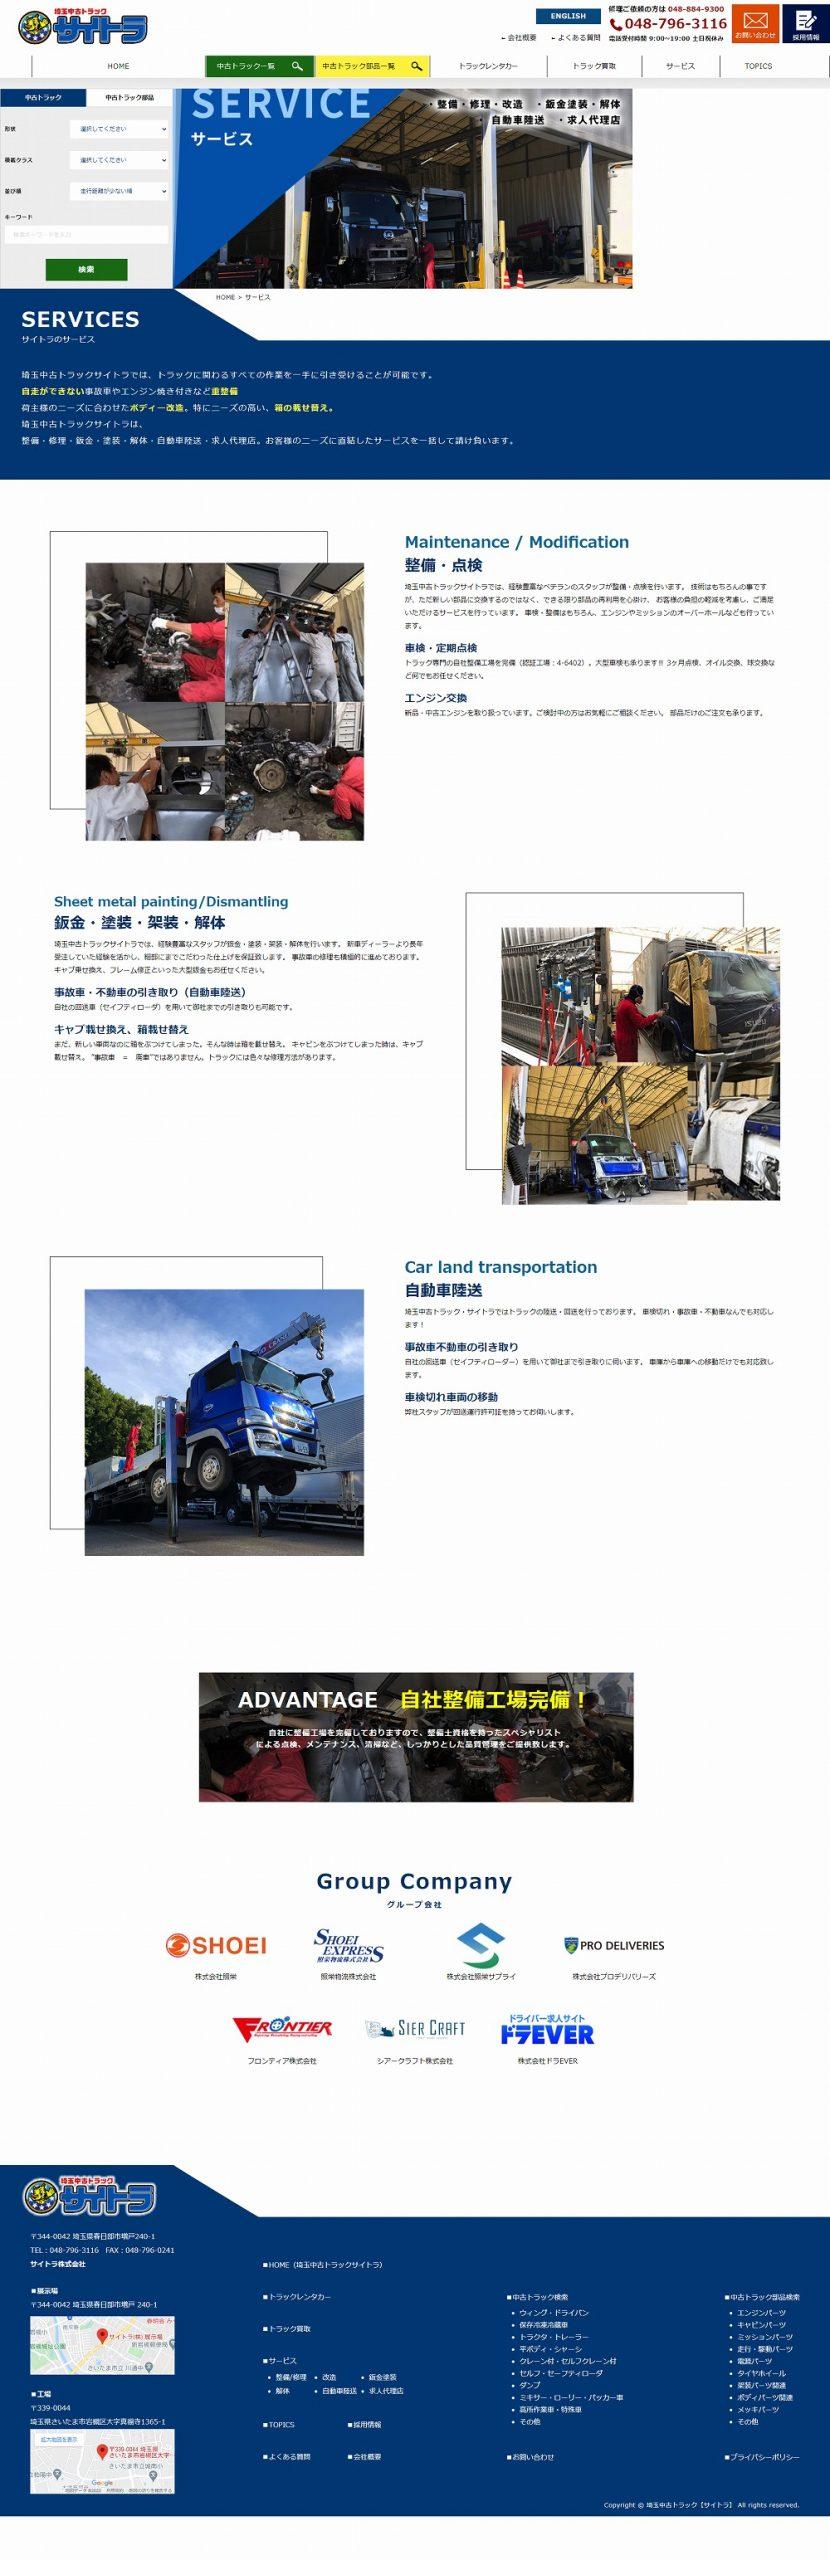 FireShot Capture 271 - サービス - トラックの格安販売や高価買取なら埼玉中古トラック販売センター「サイトラ」 - saitra.jp